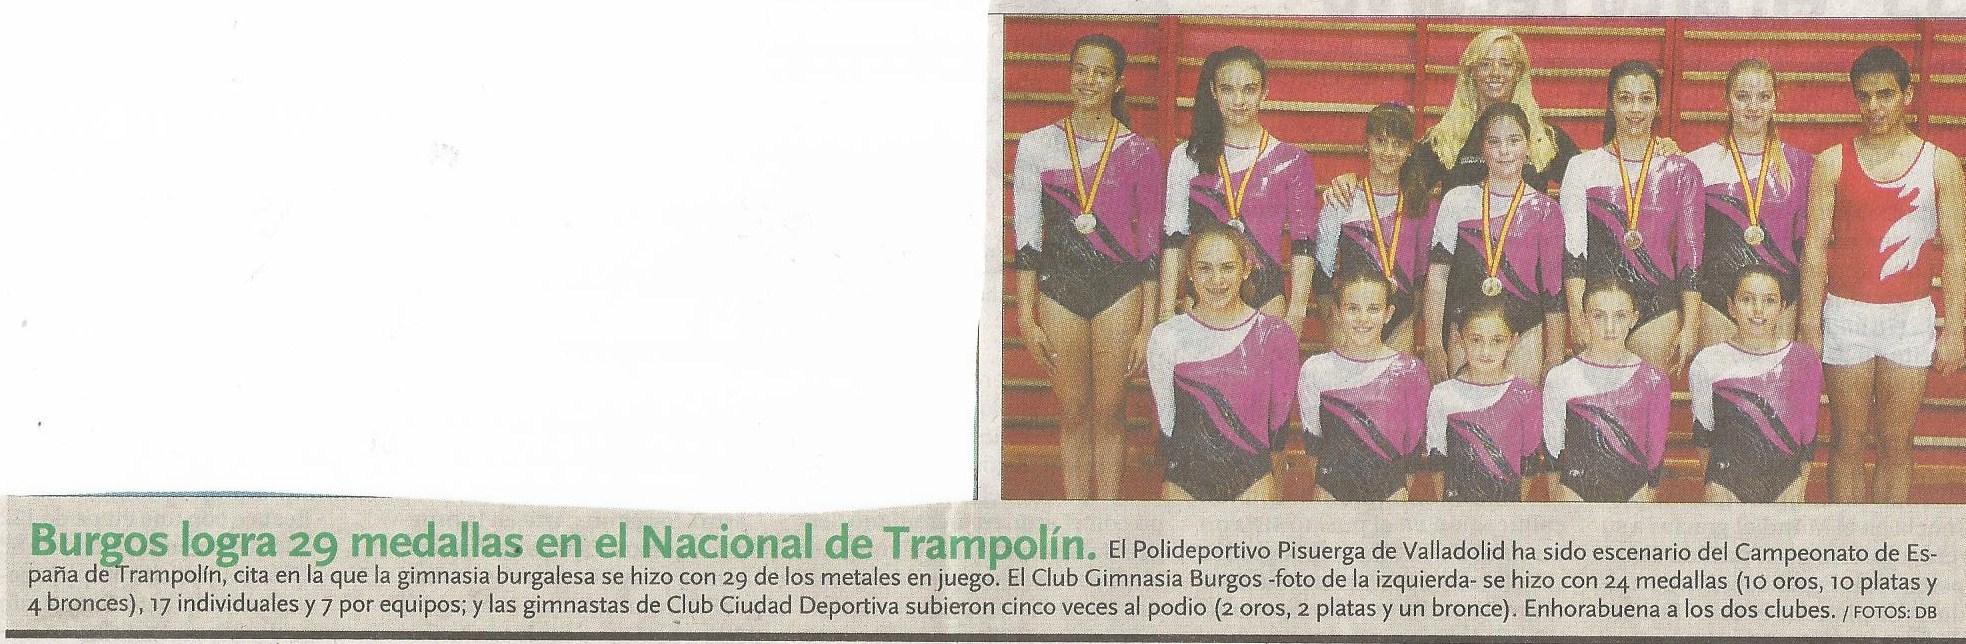 Campeonato Nacional de Trampolín, 2015